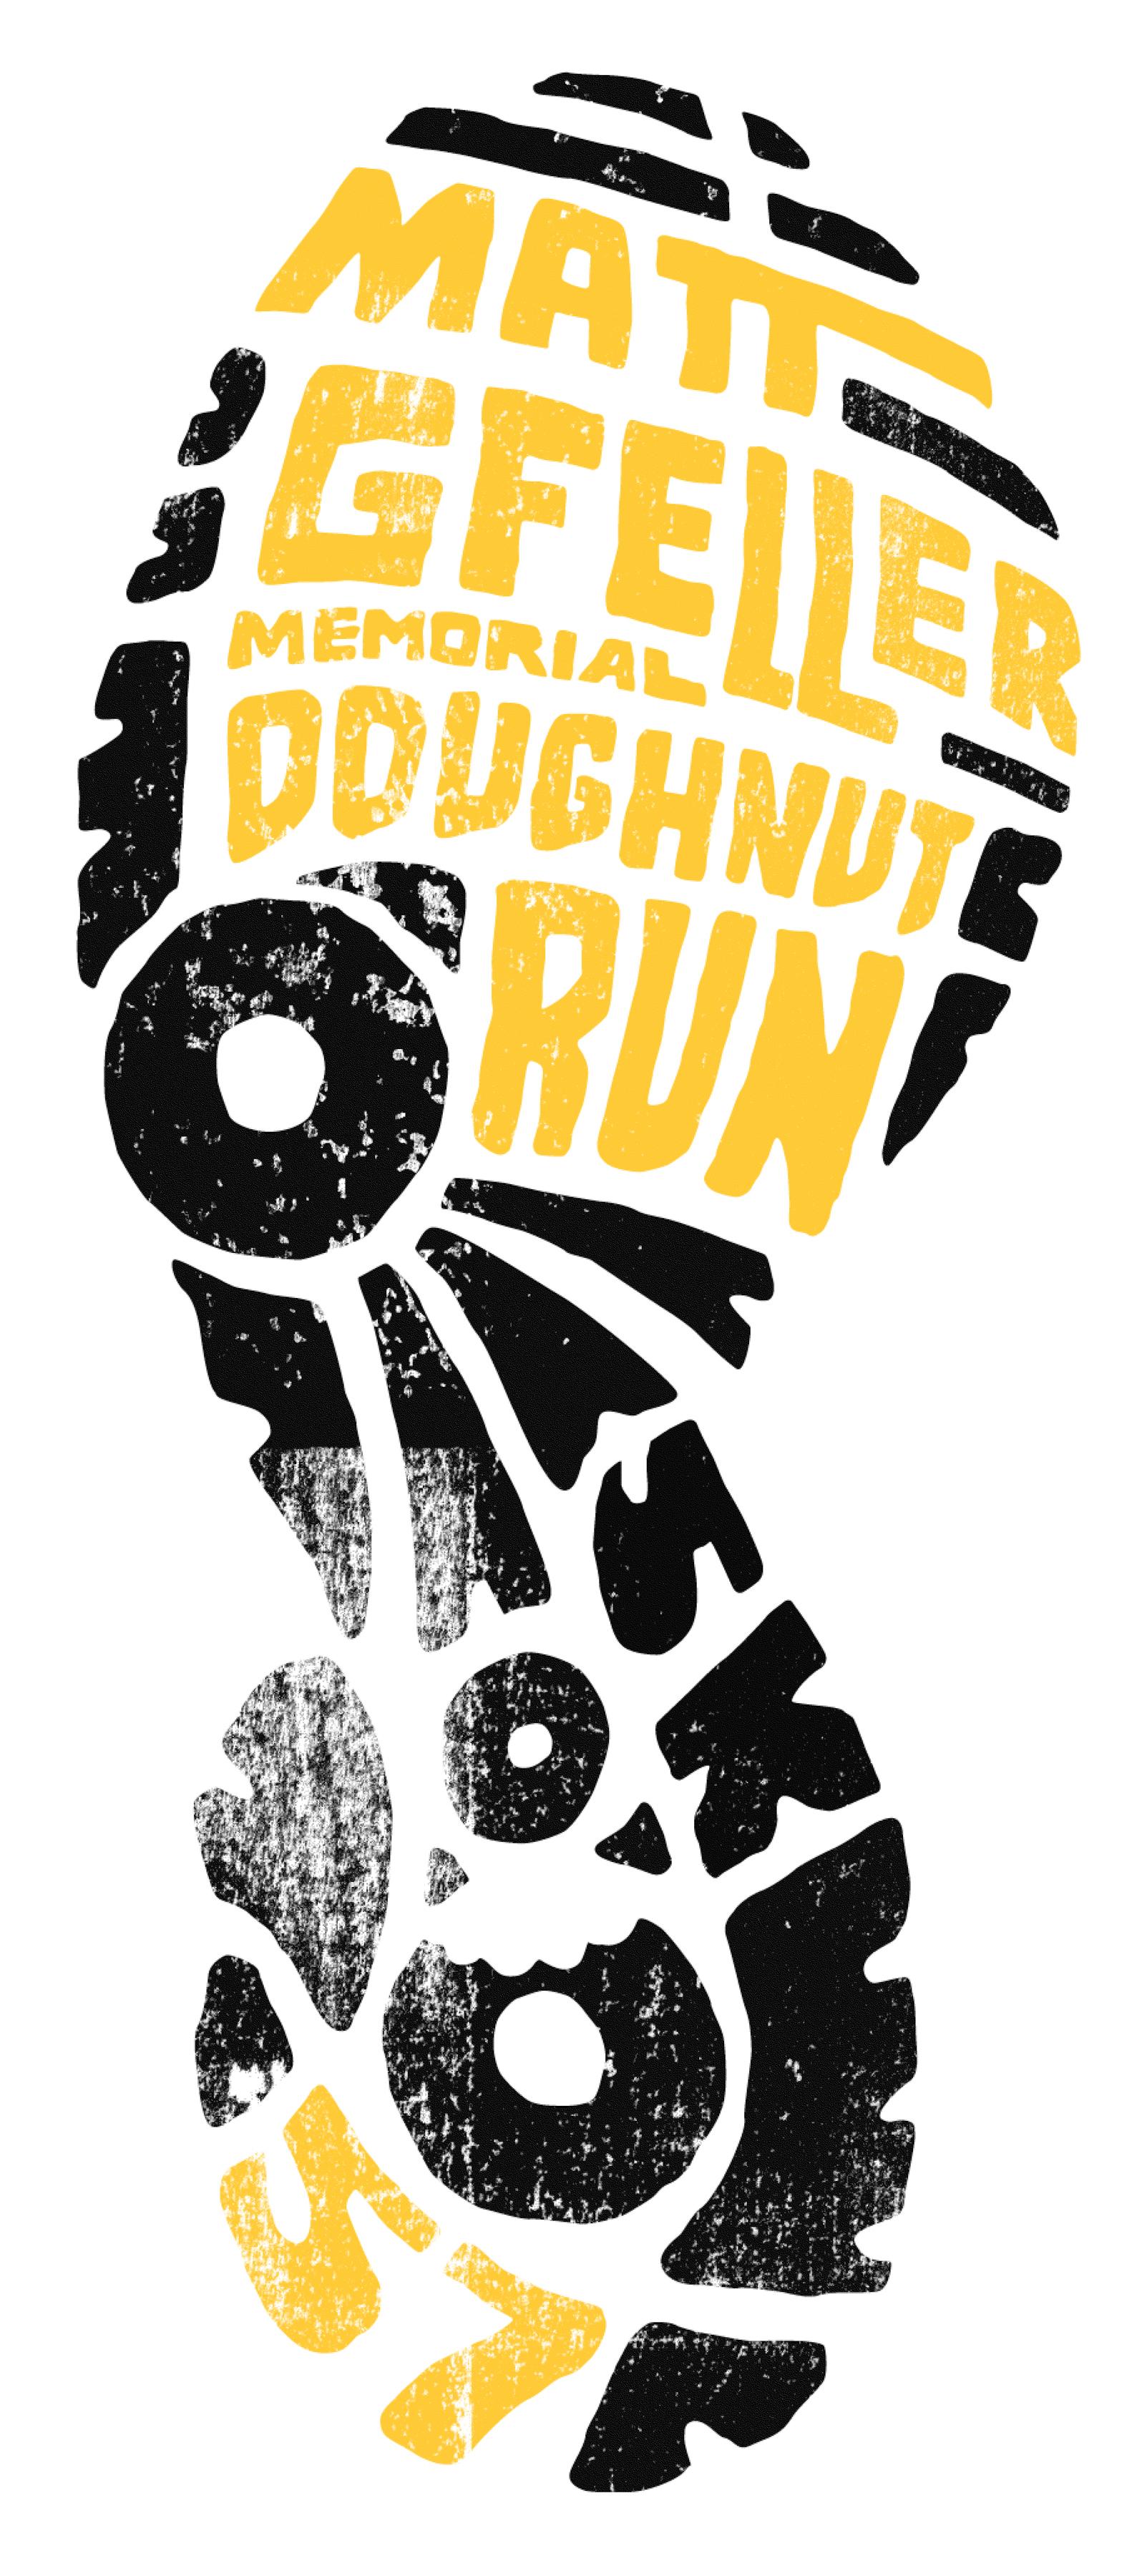 Free Shoe Prints, Download Free Clip Art, Free Clip Art on ... Running Shoe Print Clipart